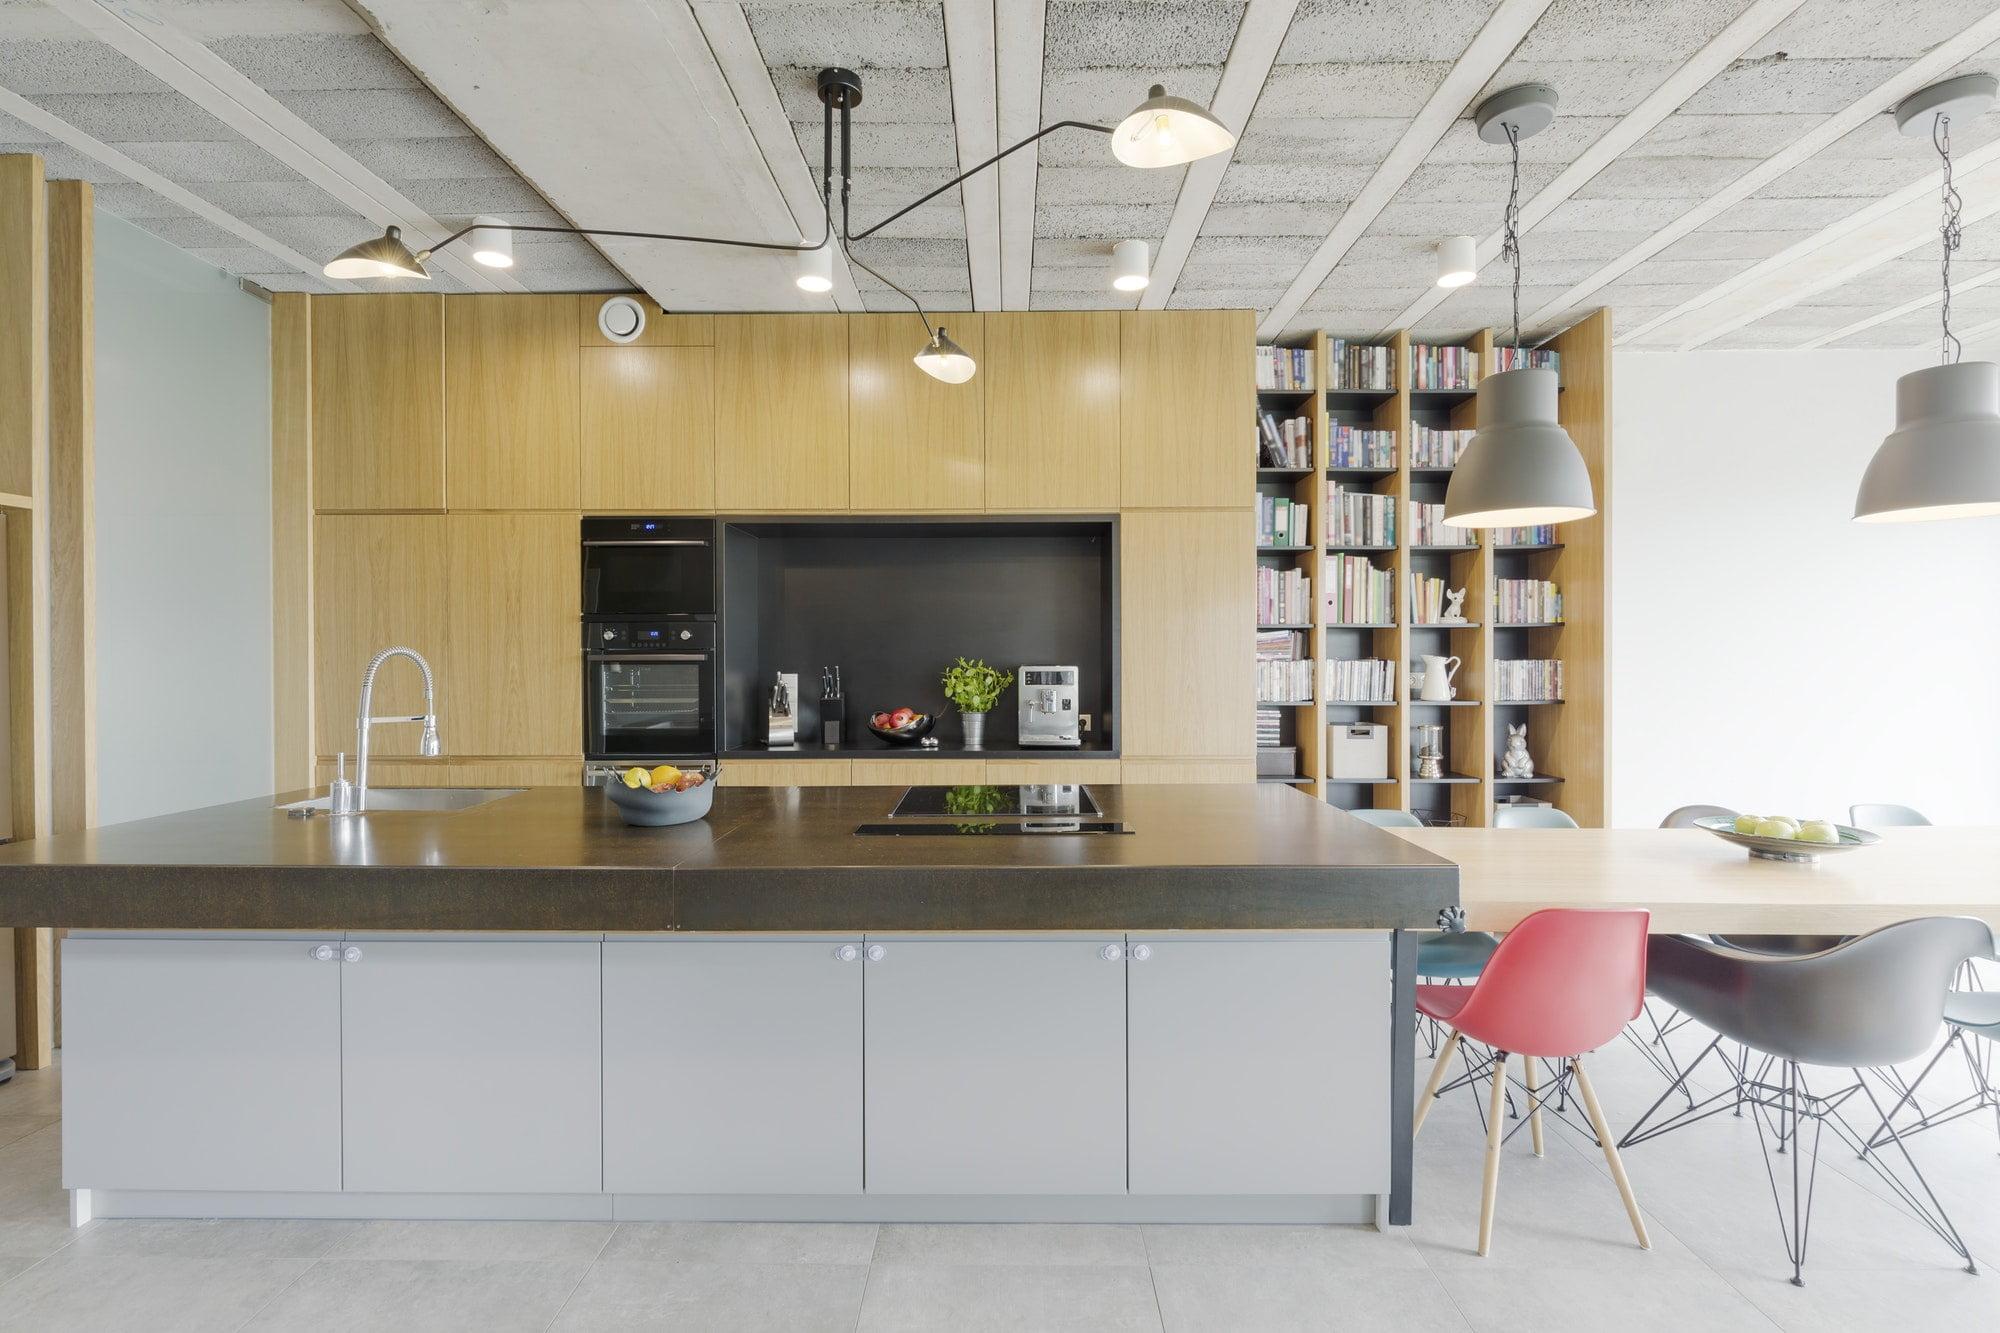 Empresas Reformas Albacete Cocina espaciosa y moderna